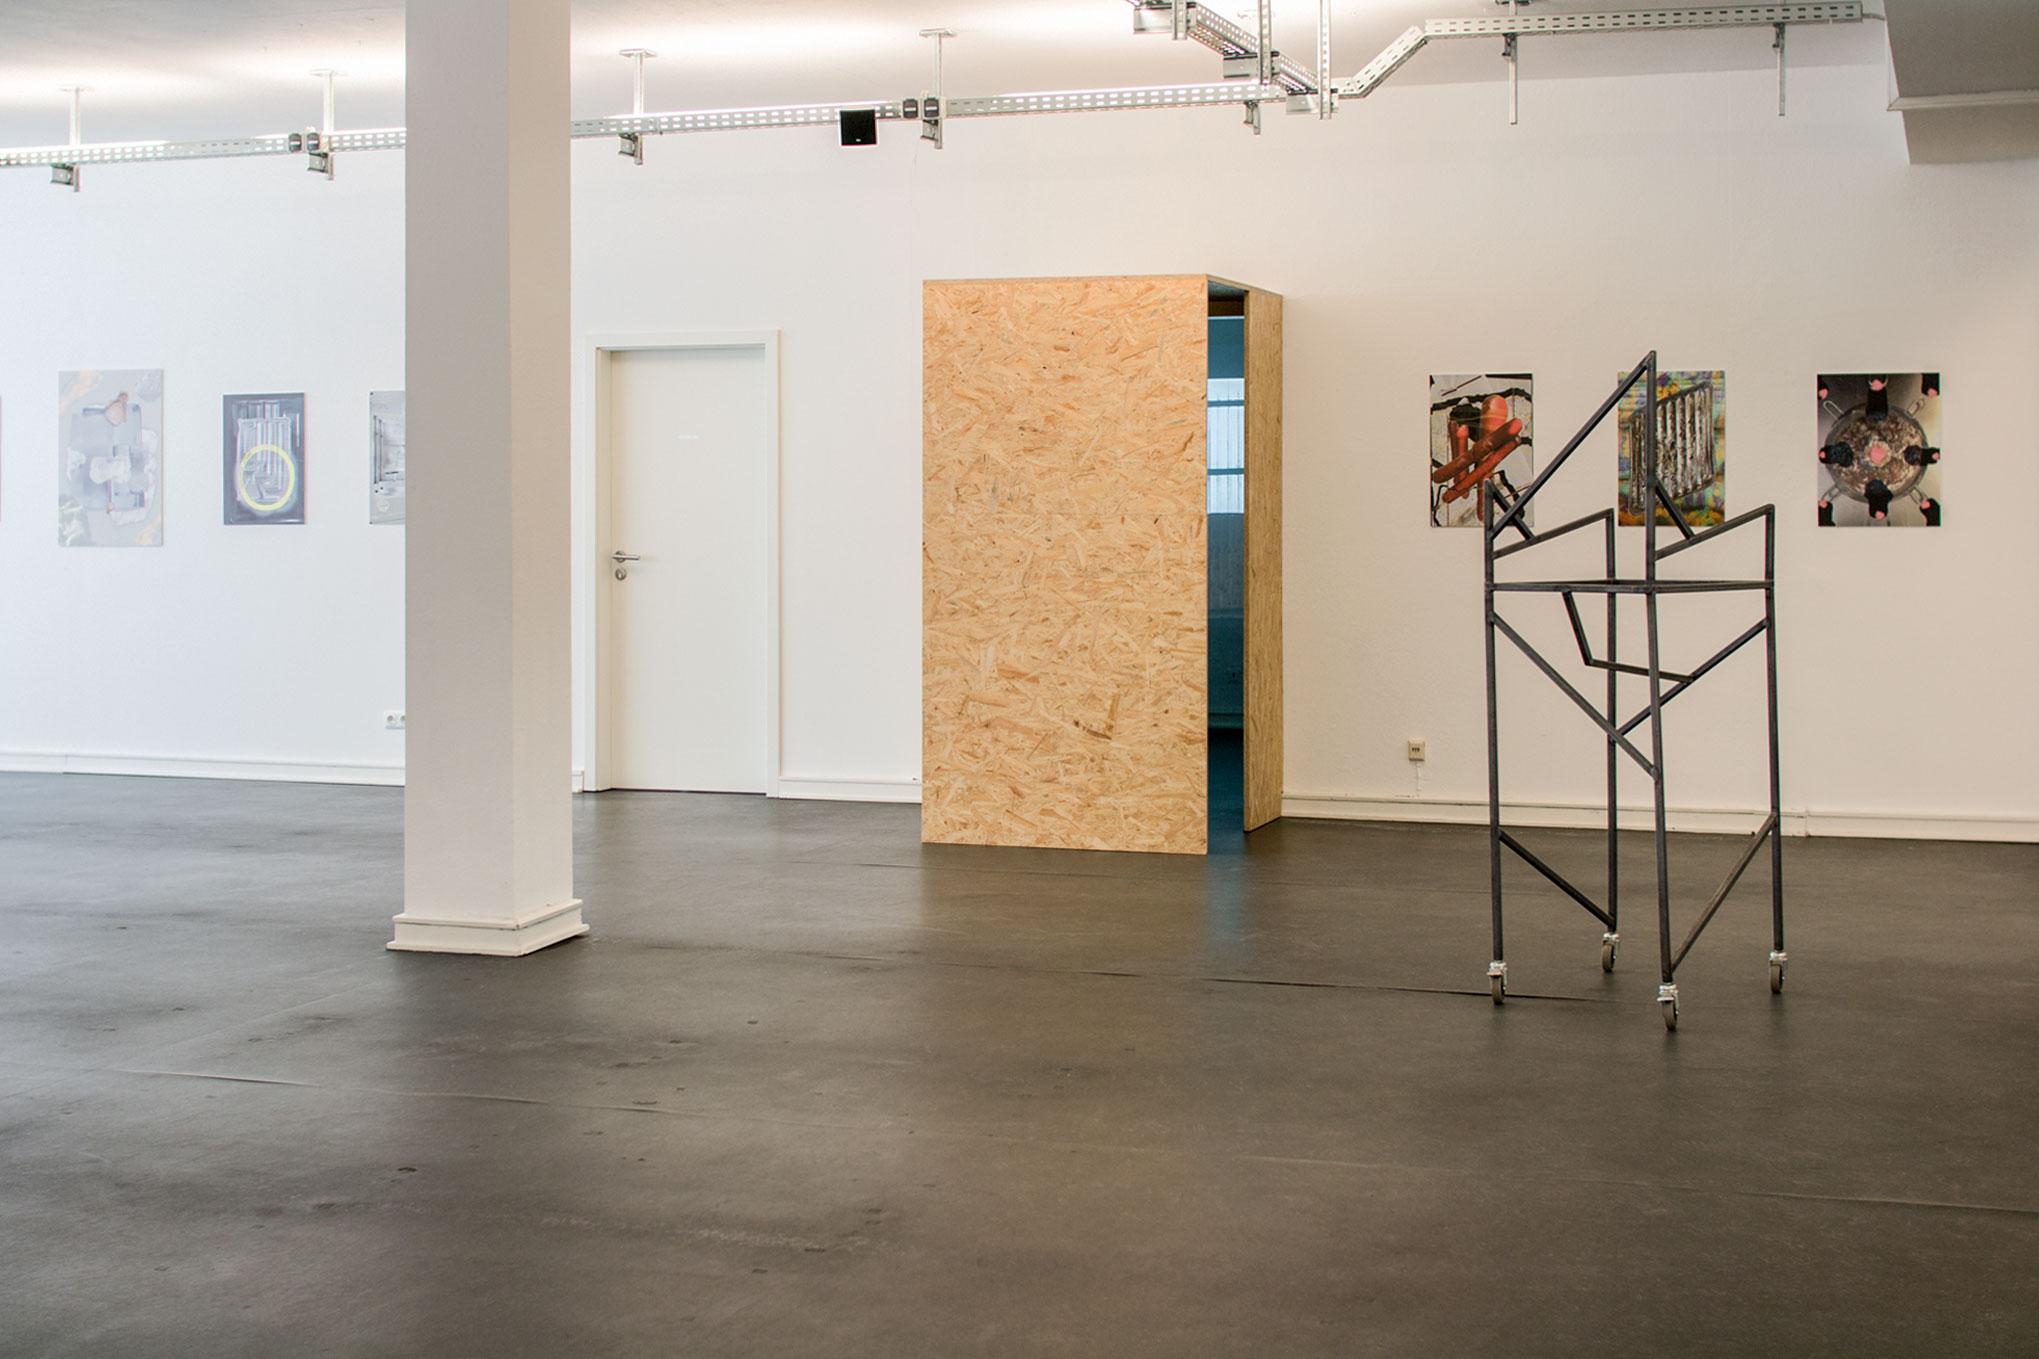 Metallgestell aus der Videoarbeit von Joanna Hinz, Wand: Xenia Kaioglidou